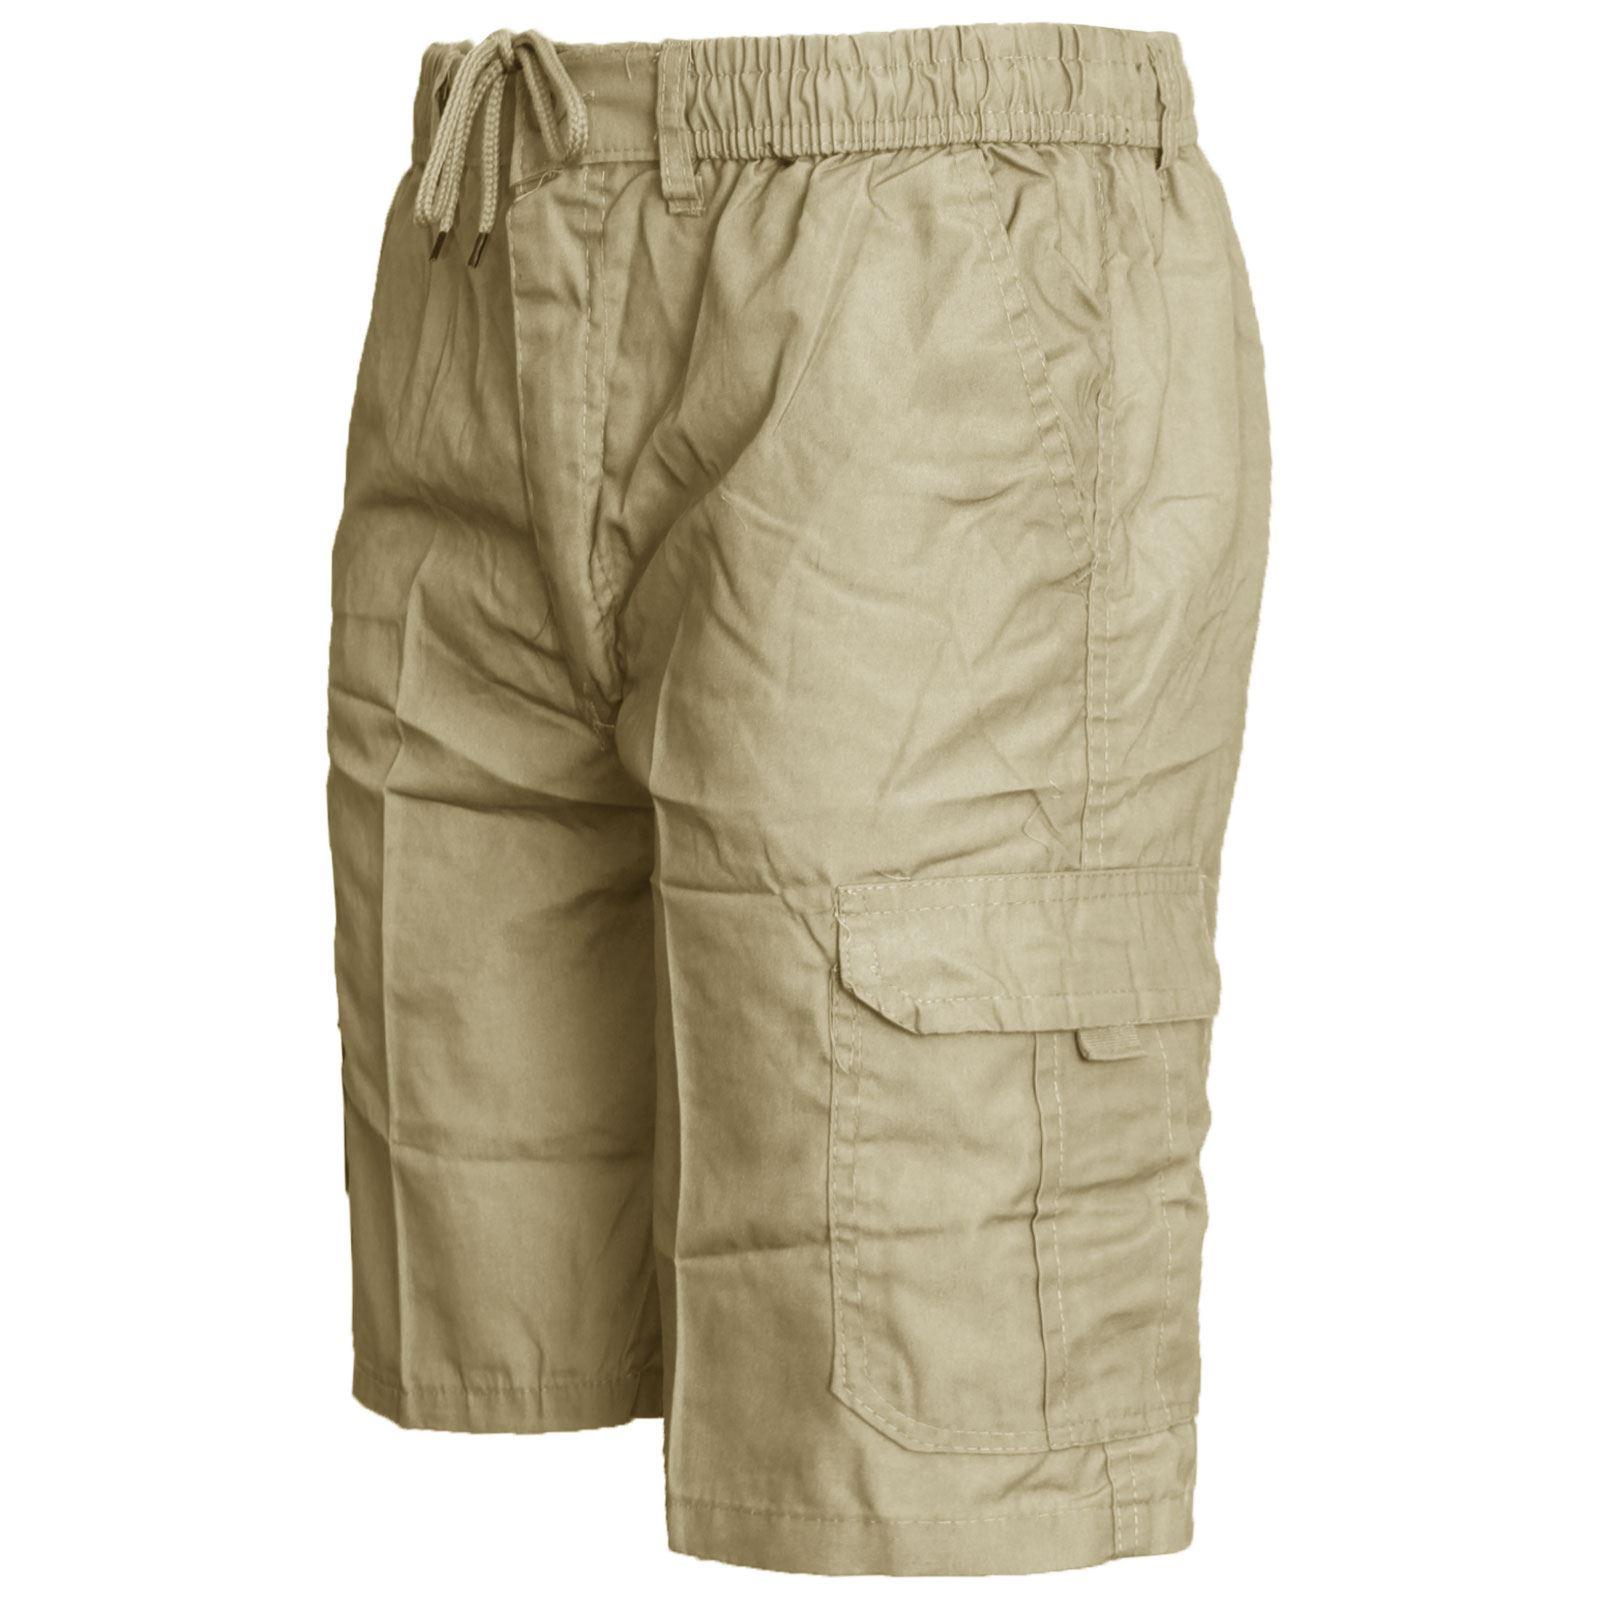 Para-Hombre-De-Carga-Combate-Pantalones-Cortos-Elastico-Verano-Informal-De-Algodon-Pantalones-Cortos miniatura 3